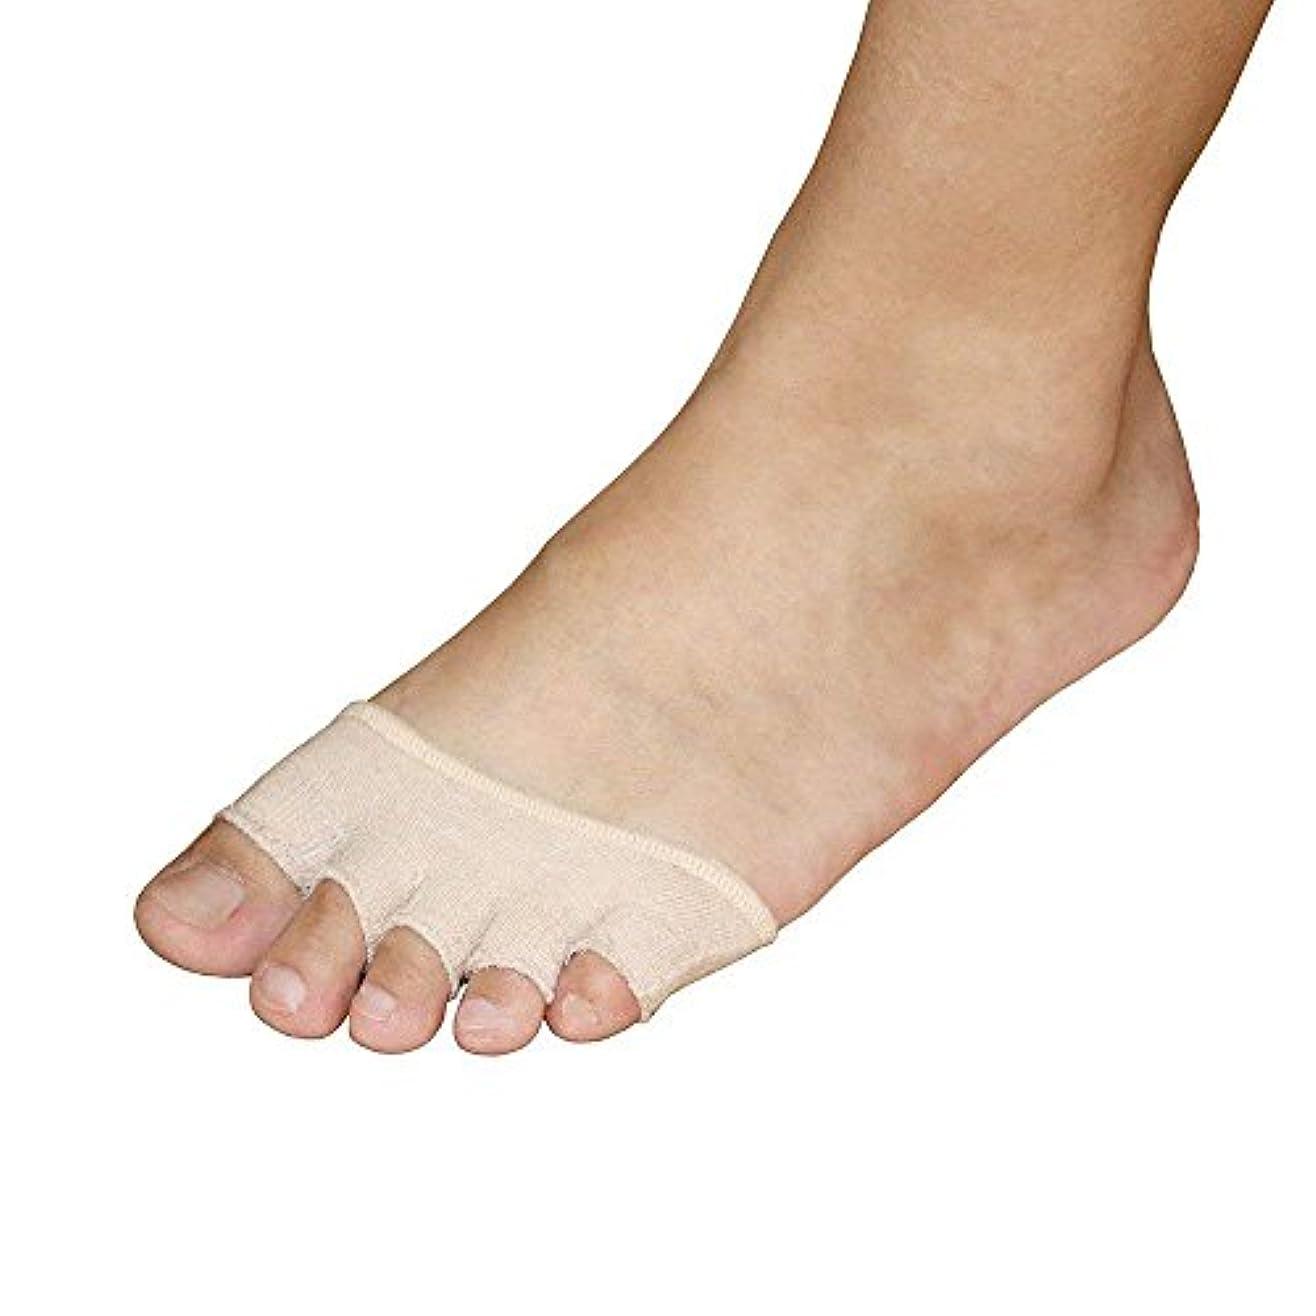 おいしい圧力ロビー2組のつま先靴下用女性表示なし、つま先スリーブ付きリリーフ痛みブリスター付きブーツクッションハイヒールスニーカーサンダル